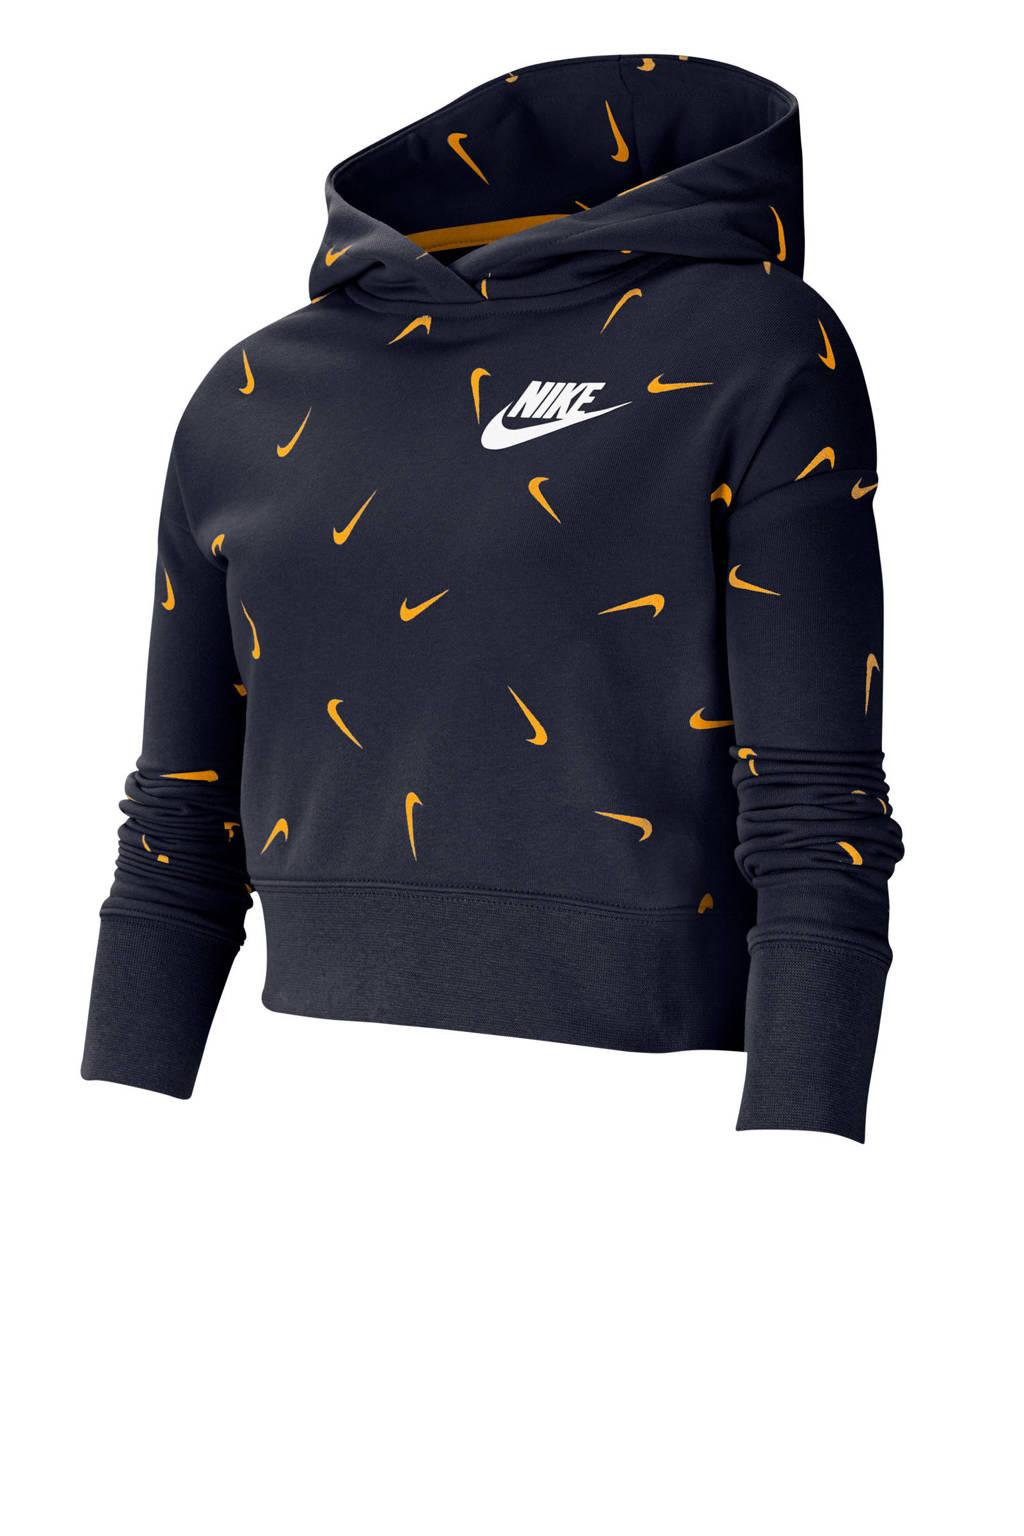 Nike cropped hoodie donkerblauw/goud, Donkerblauw/goud